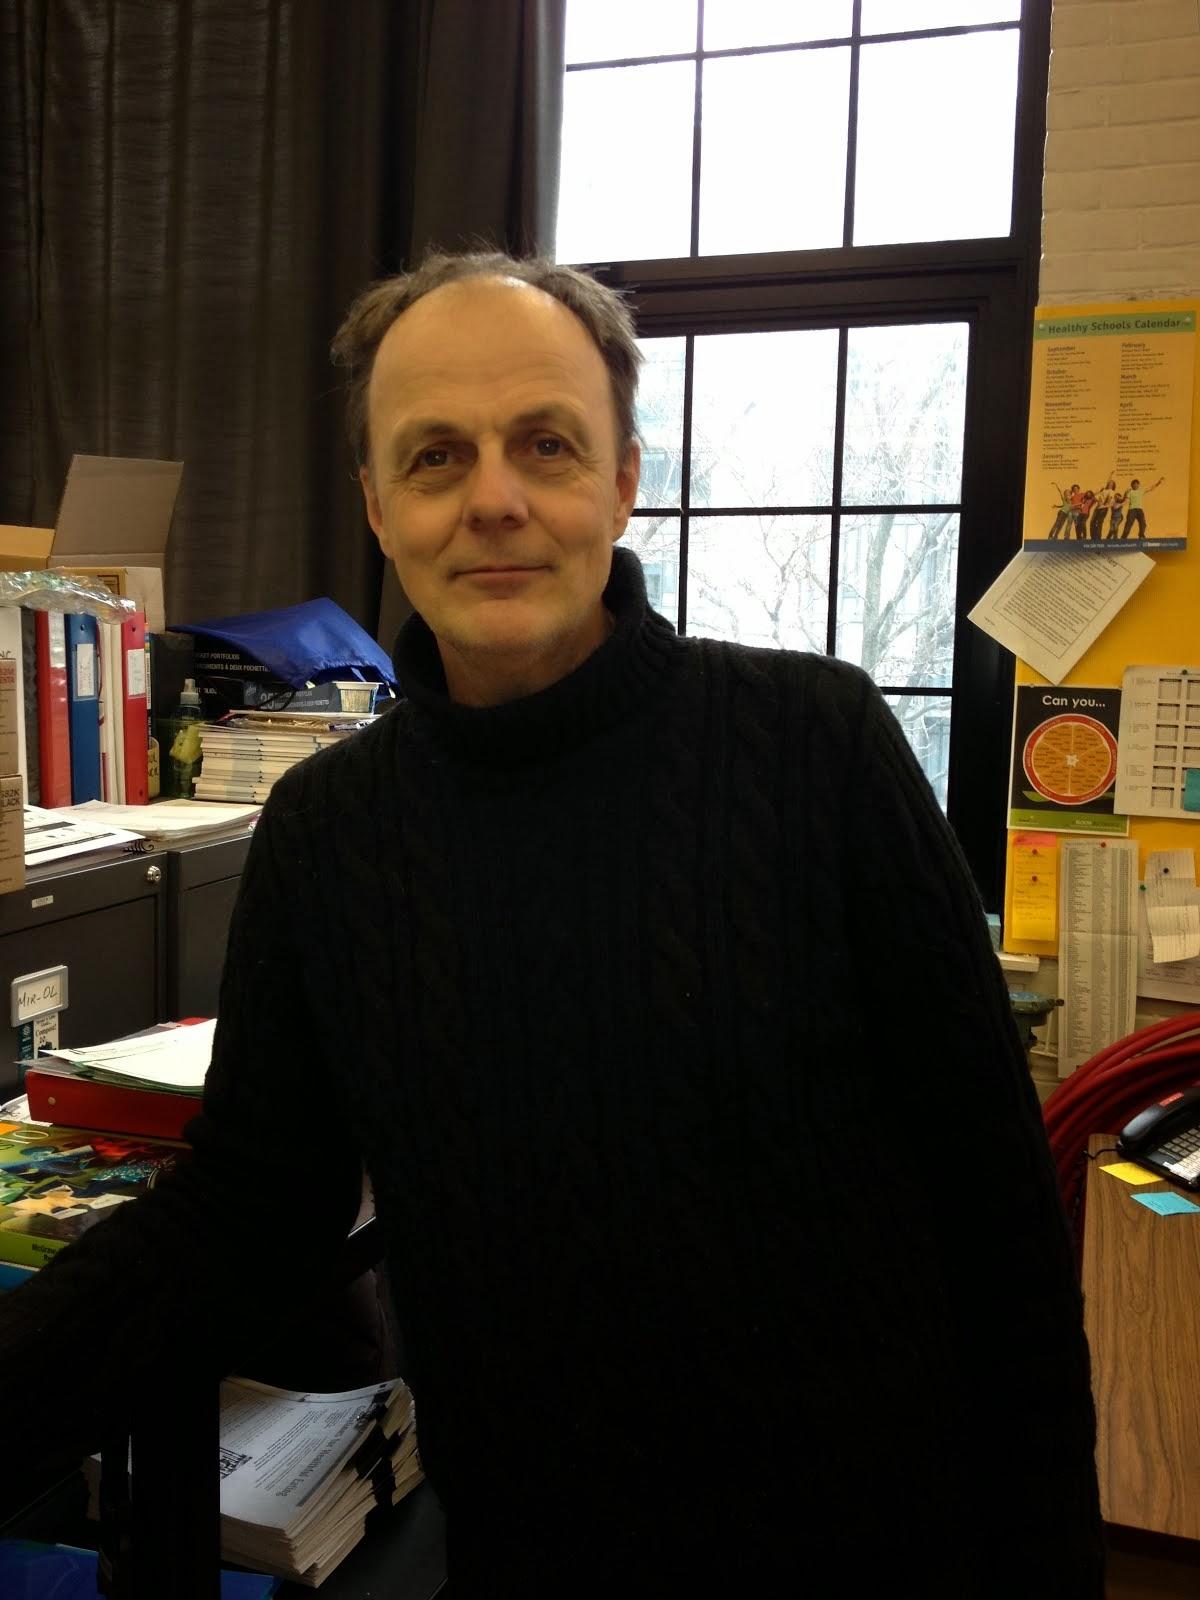 Staff Pic: Martin van de Ven